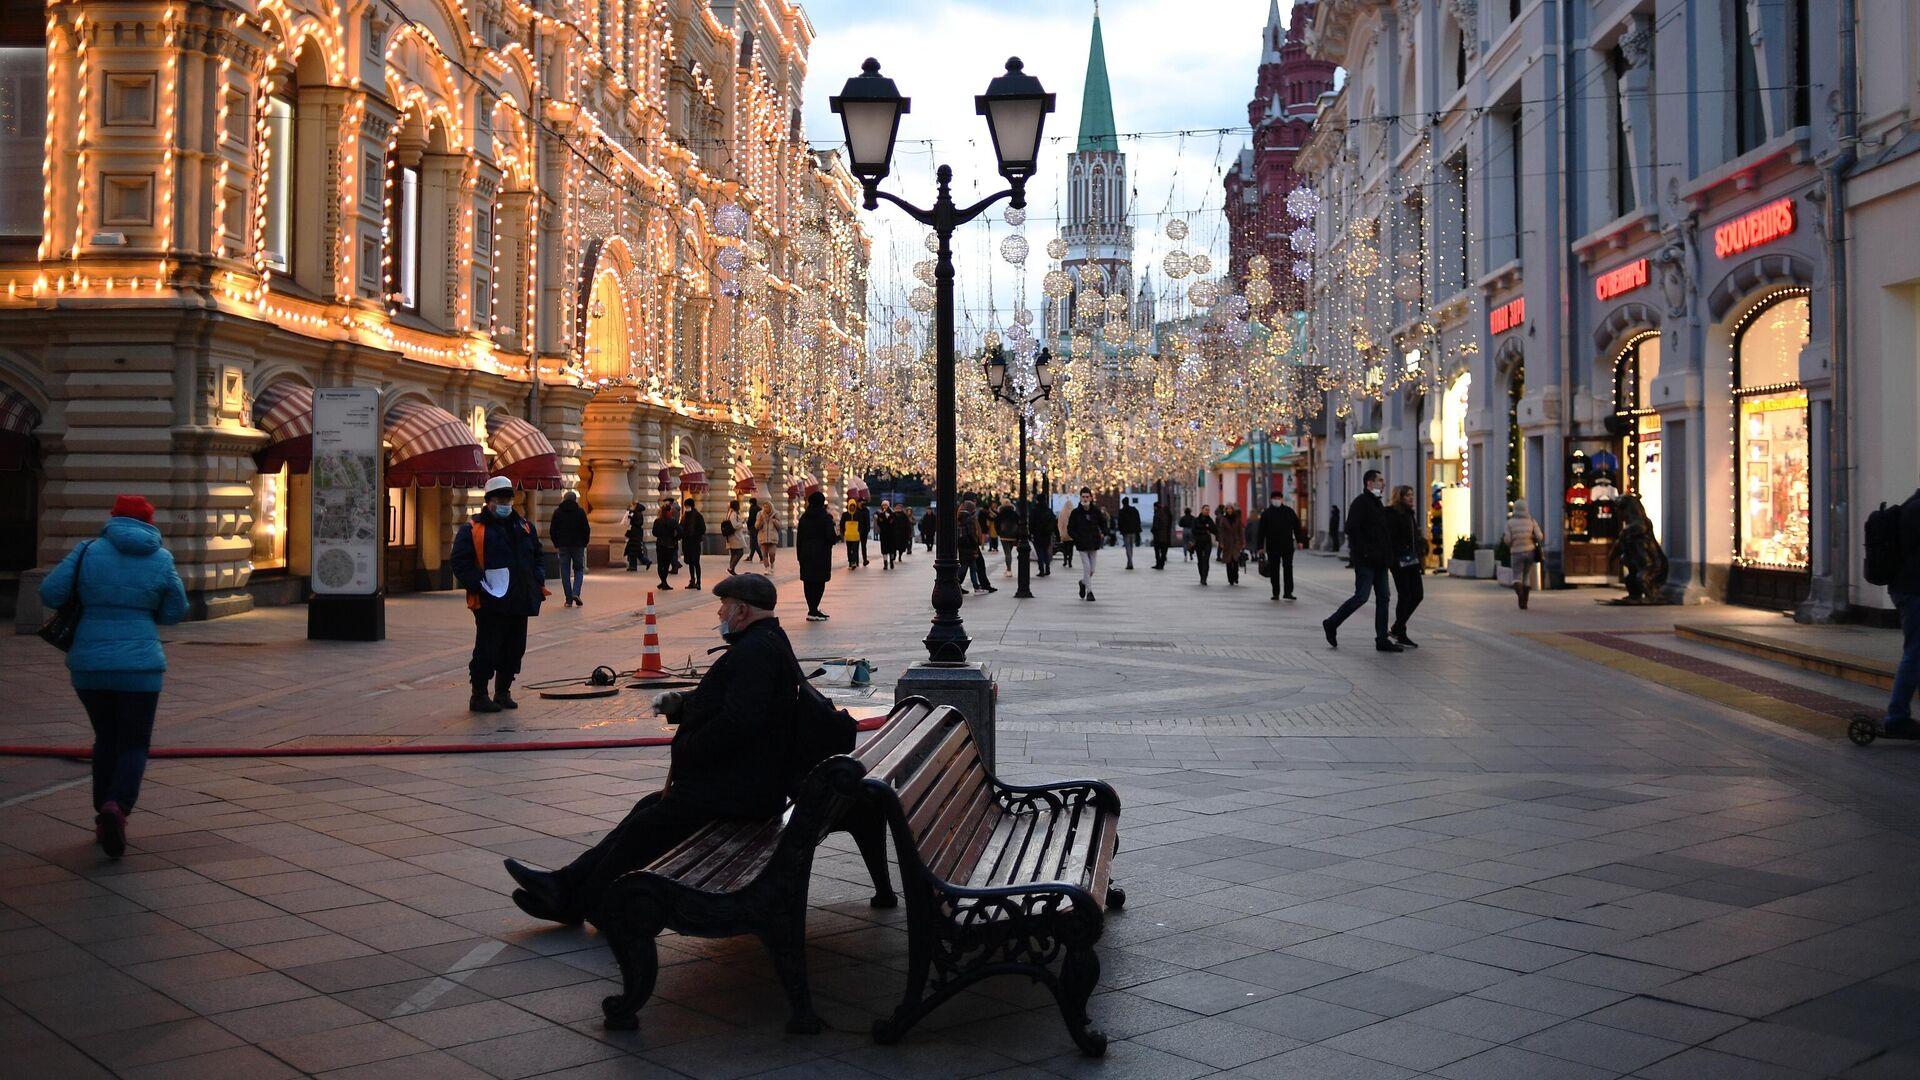 Никольская улица в Москве - РИА Новости, 1920, 22.09.2021